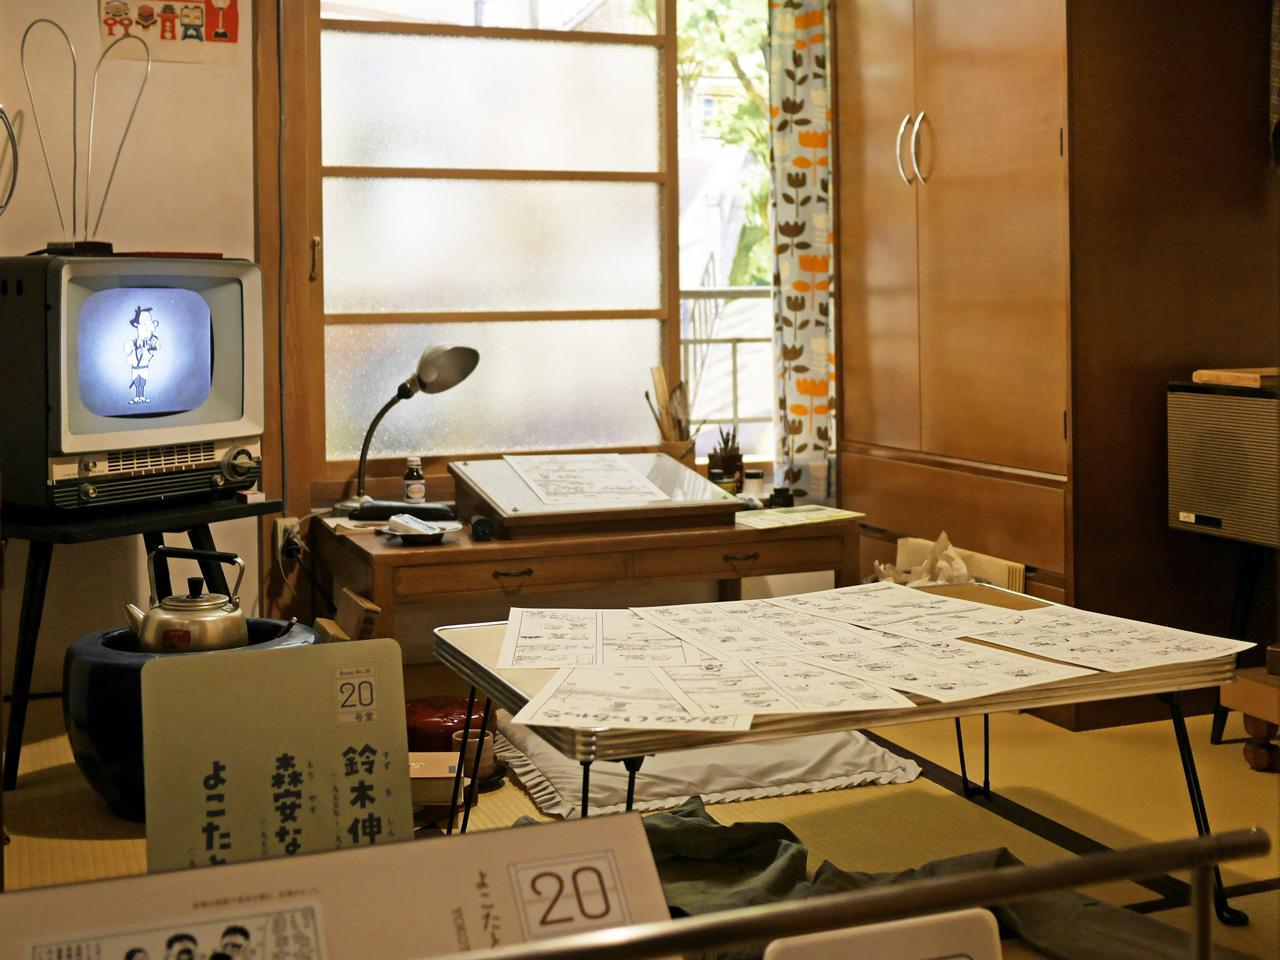 鈴木伸一と森保なおやが住んでいた部屋を再現